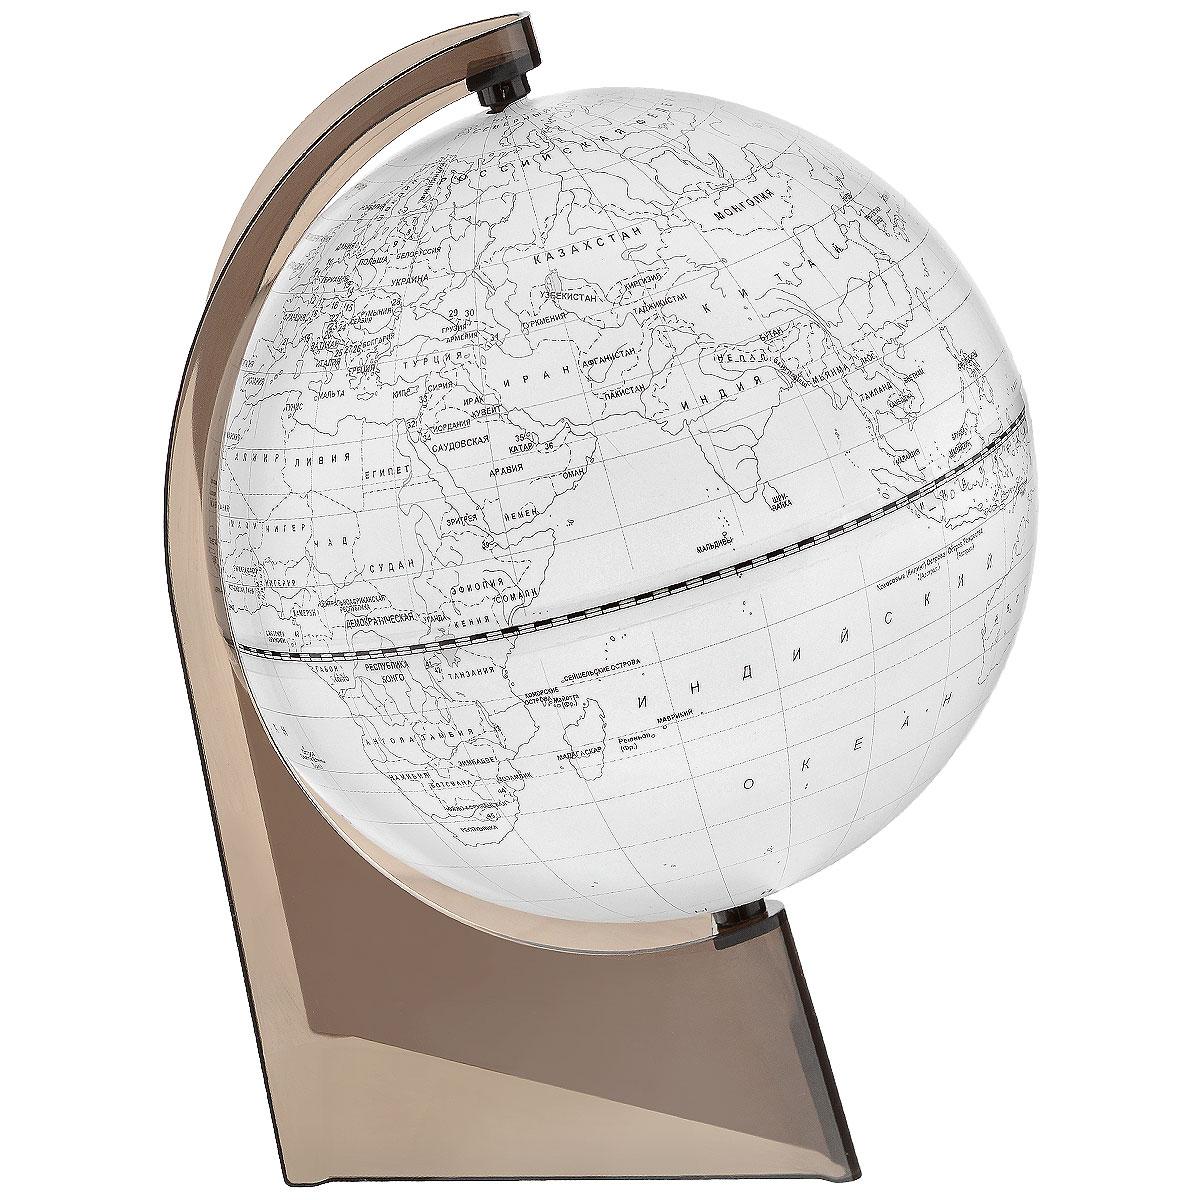 Глобусный мир Глобус Земли, контурный, диаметр 21 см10293Глобус Земли Глобусный мир, изготовленный из высококачественного прочного пластика. Контурный глобус - это отличная возможность для ребенка проверить свои знания по географии, в том числе политической. Карта выполнена в виде контуров материков с названиями государств и их столиц, океанов и островов. Его можно использовать в игровой форме. С помощью этого глобуса можно тренировать память. Изделие расположено на треугольной подставке. Названия стран на глобусе приведены на русской язык. Настольный контурный глобус Земли Глобусный мир станет оригинальным украшением рабочего стола или вашего кабинета. Это изысканная вещь станет прекрасным подарком для современного преуспевающего человека, следующего последним тенденциям моды и стремящегося к элегантности и комфорту в каждой детали. Масштаб: 1:60 000 000.